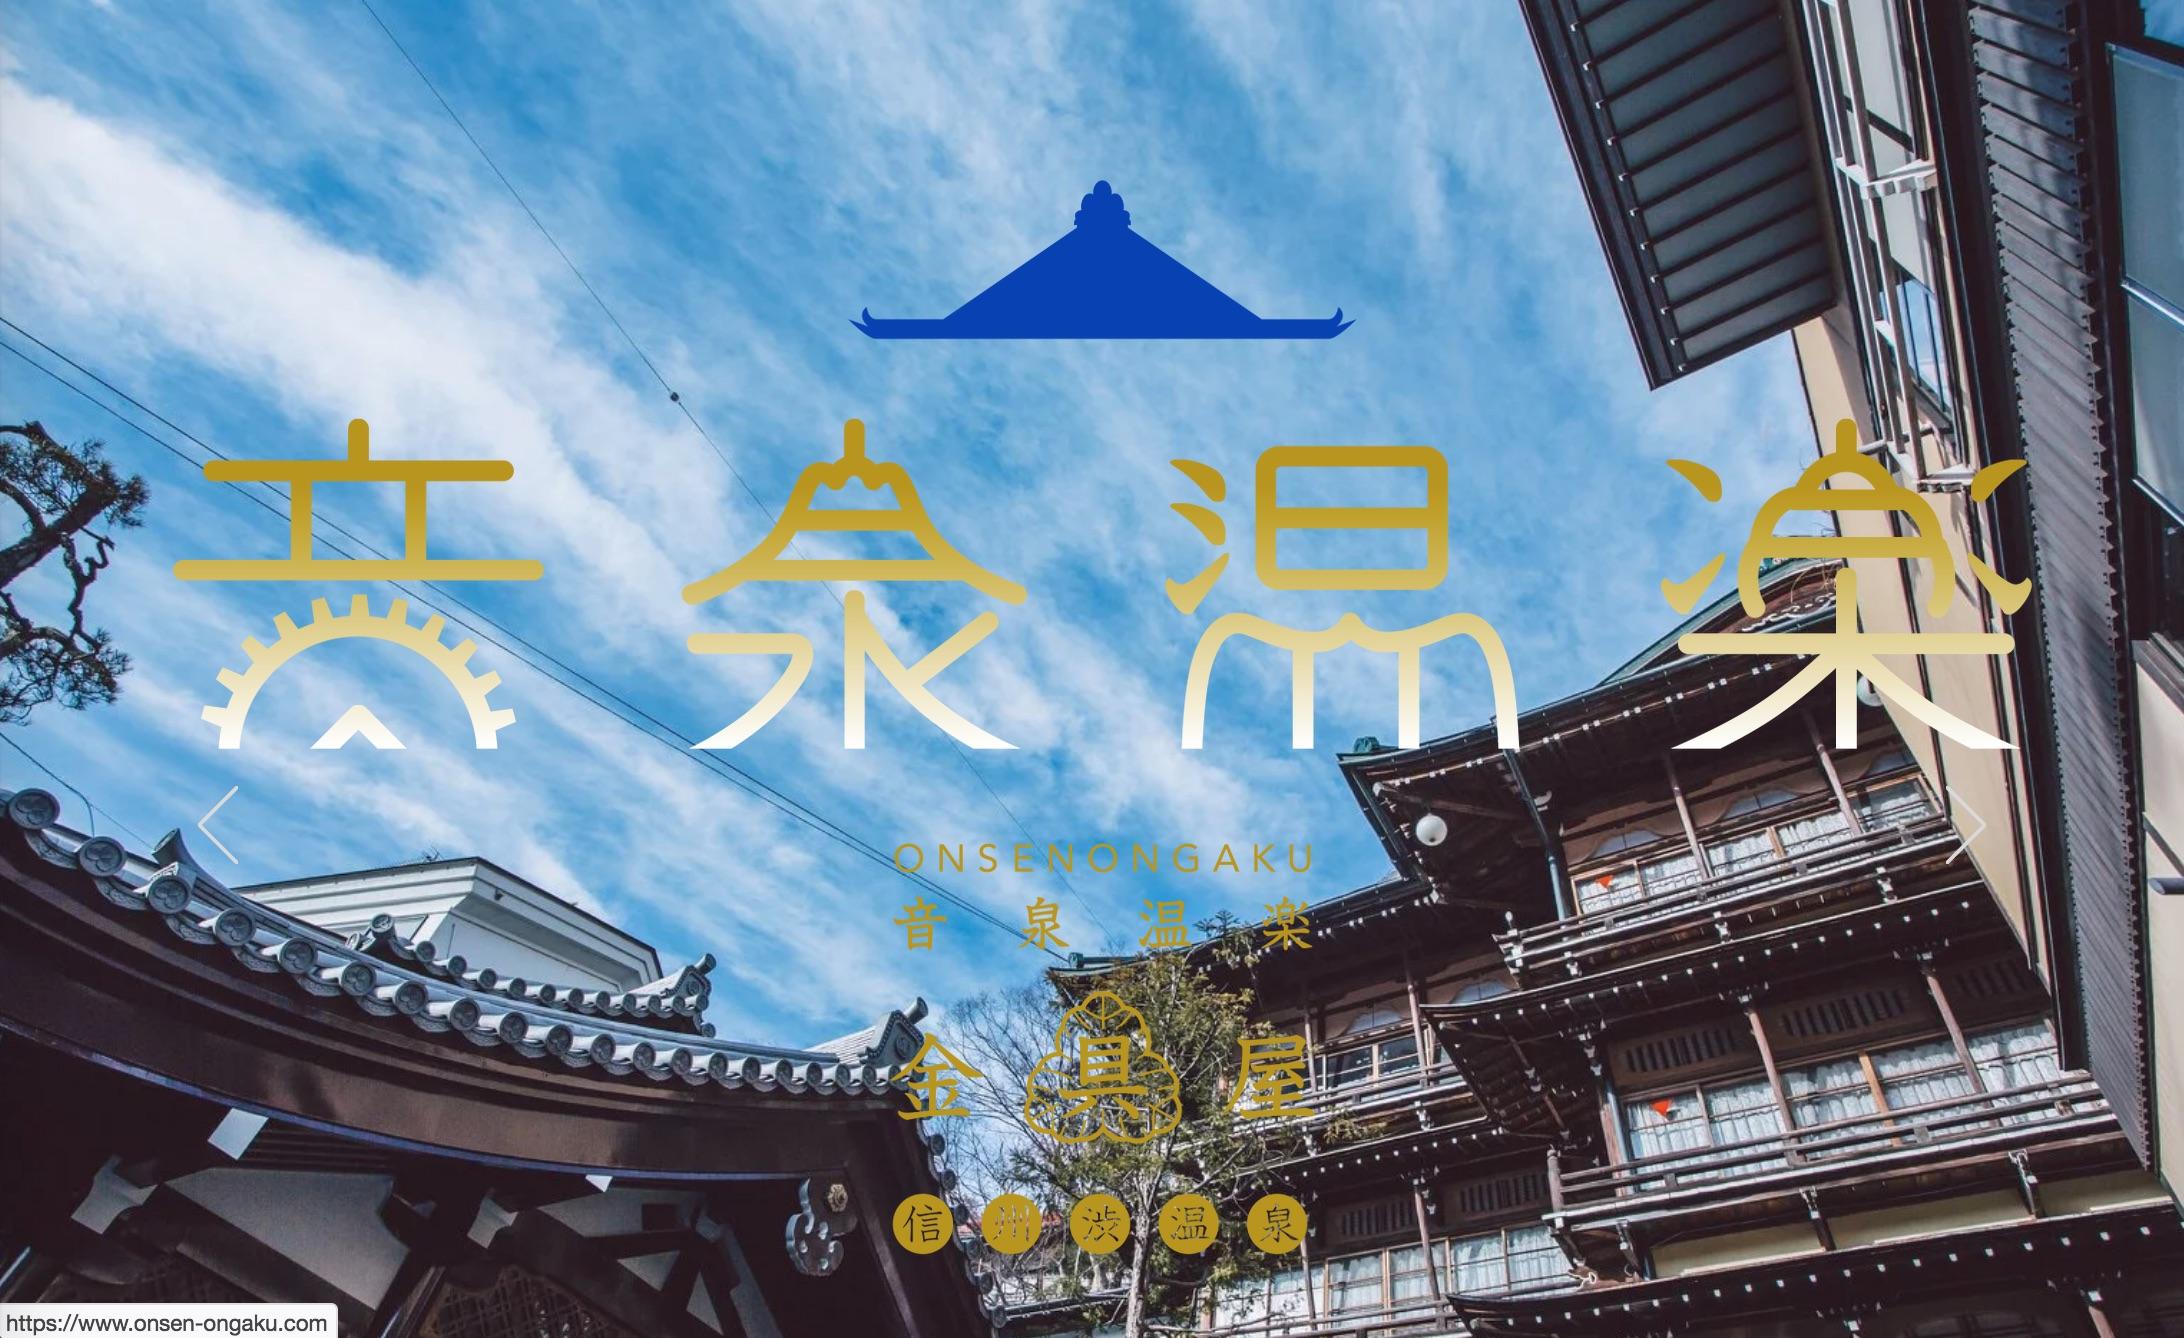 191207_OnsenOngaku_.jpg